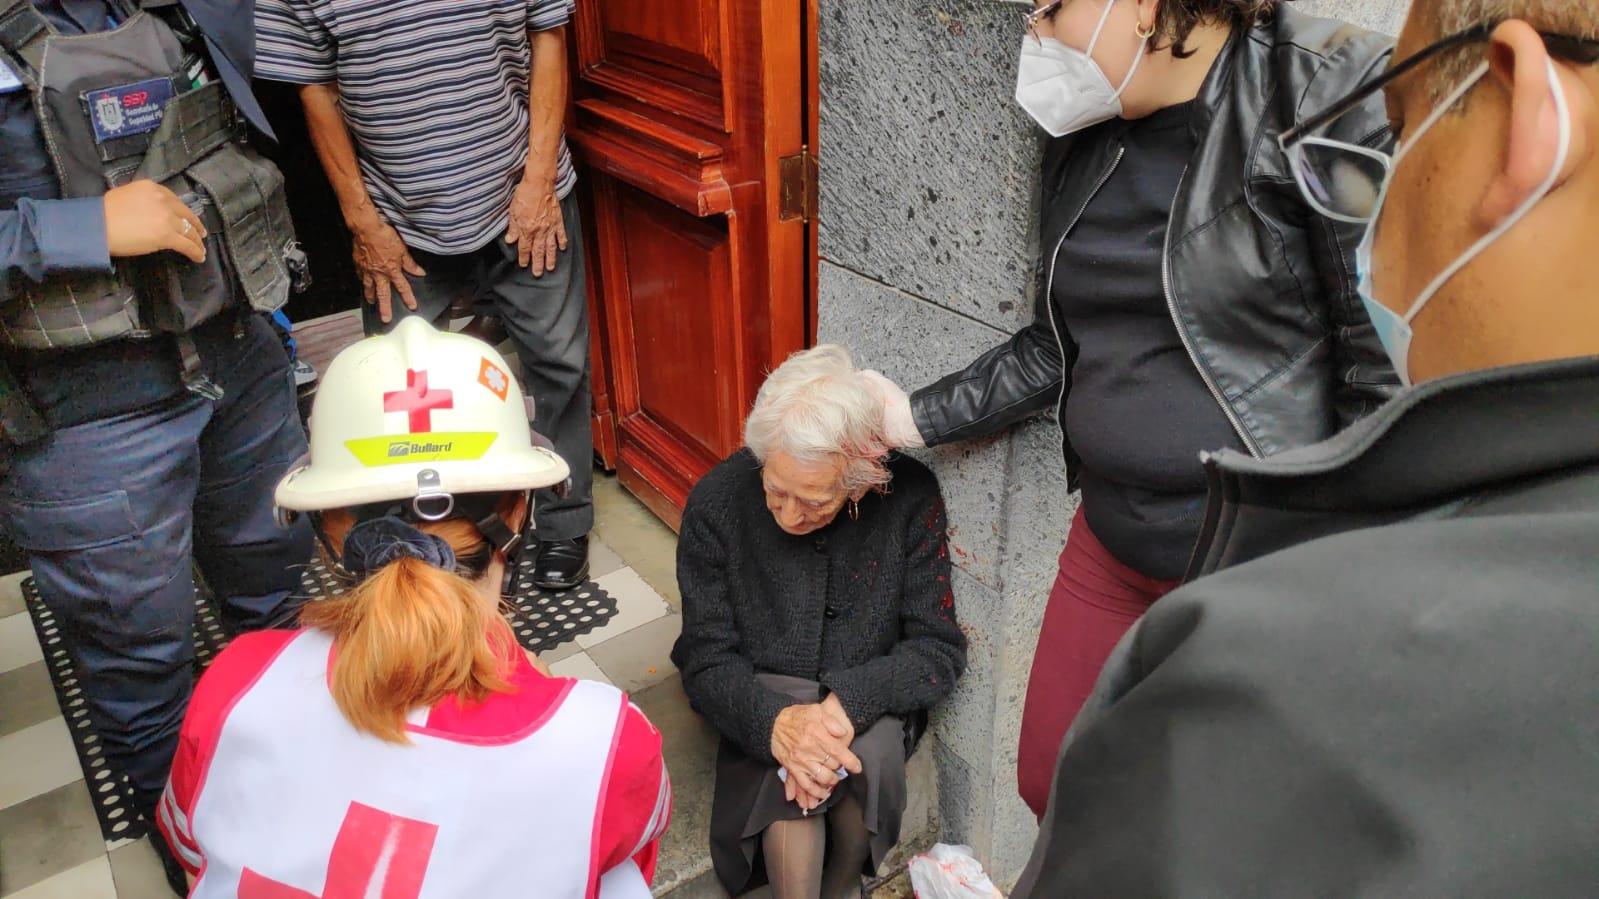 Abuelita sufre caída antes de llegar a misa, Arzobispo la invita a quedarse a la homilía